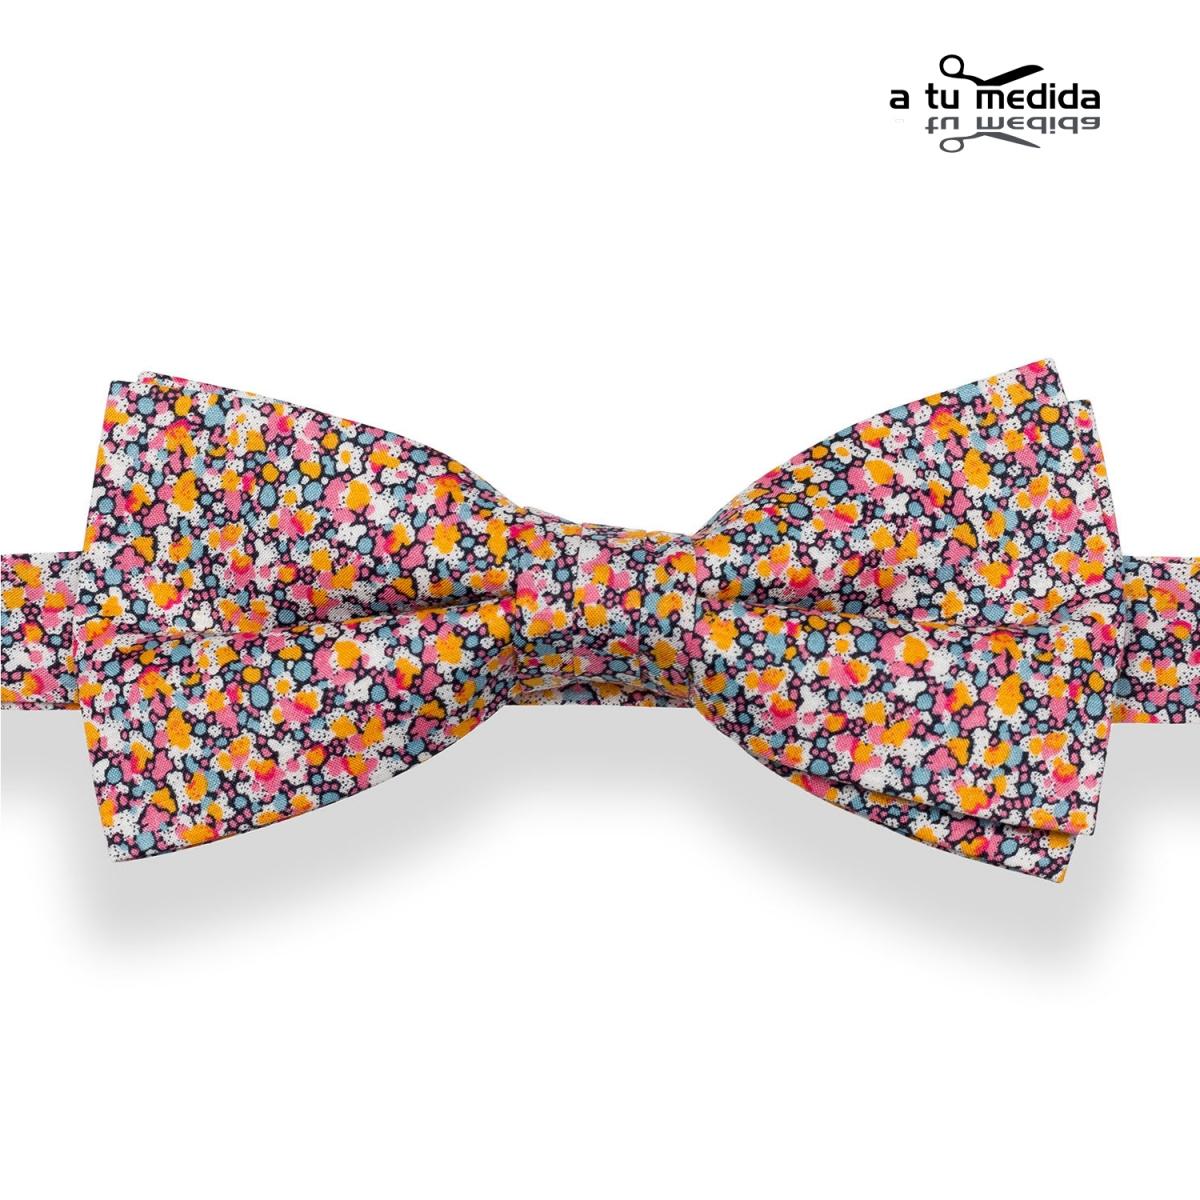 Pajarita-Liberty-Multicolor